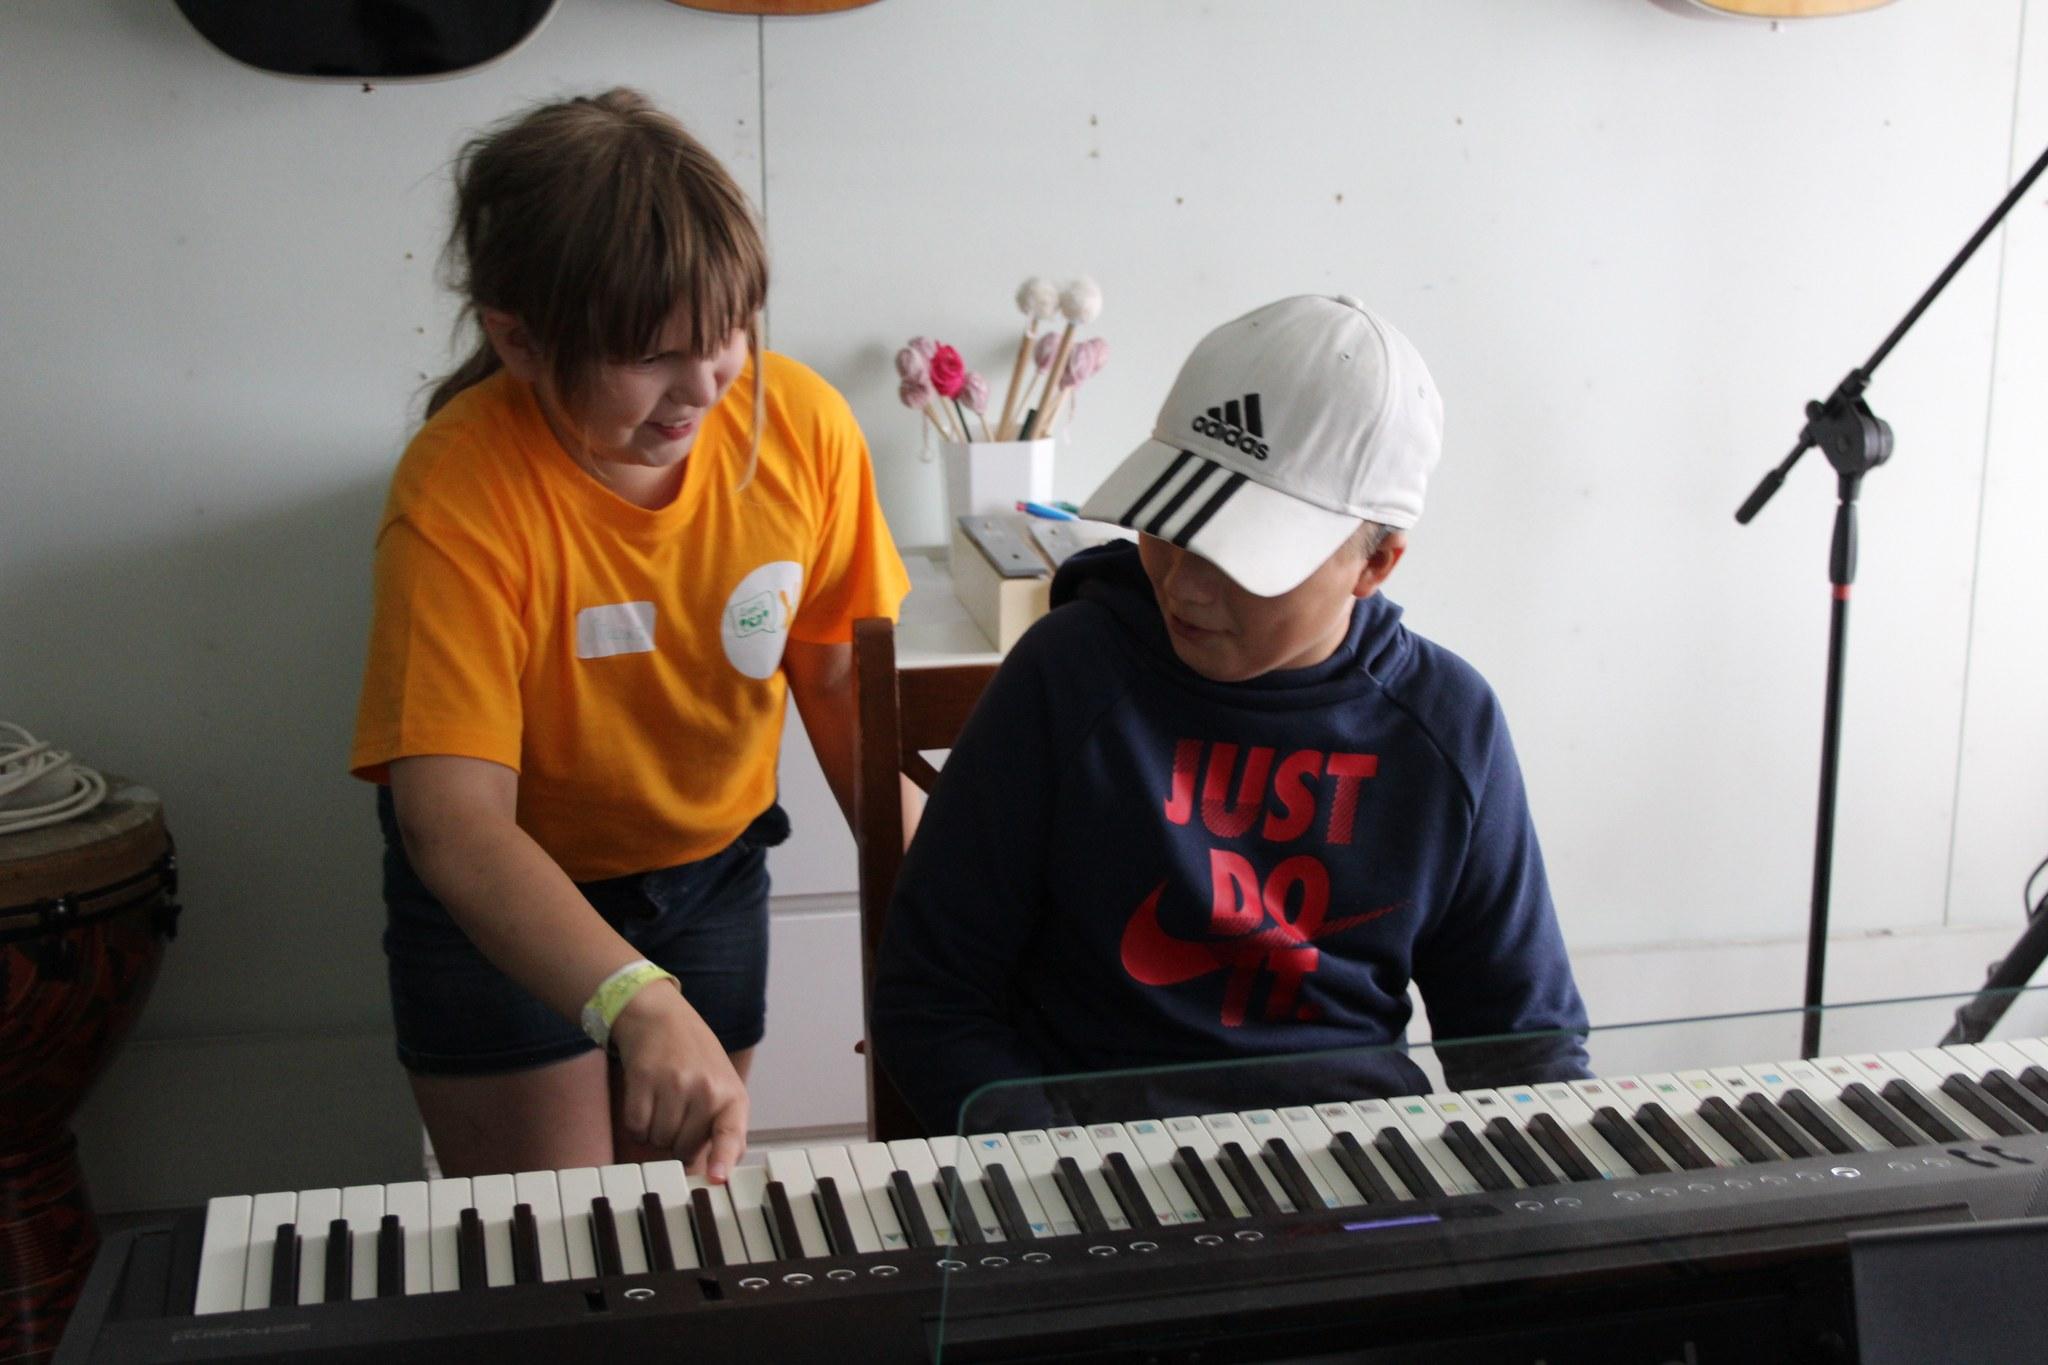 Kuvassa tyttö ja poika pianon äärellä, tyttö painaa painon kosketinta